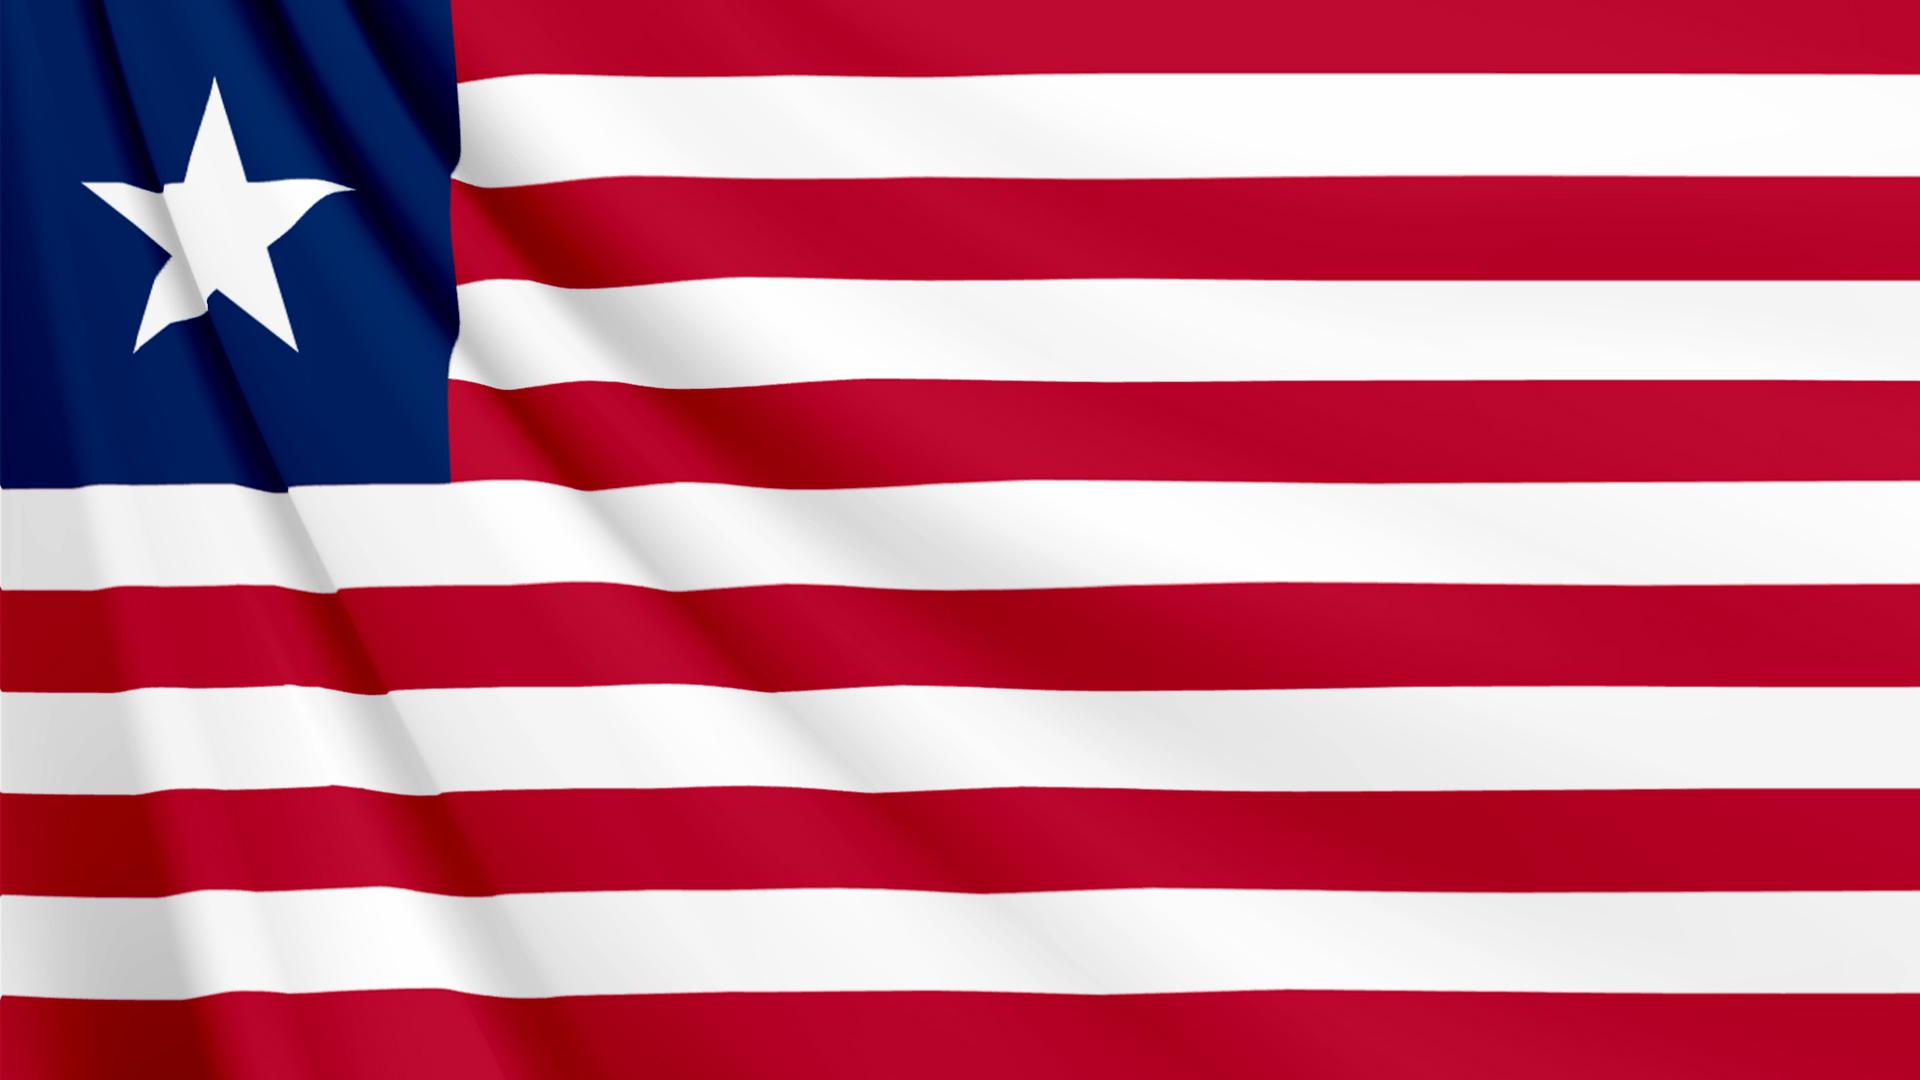 リベリアの国旗 壁紙 画像 エムズライファー